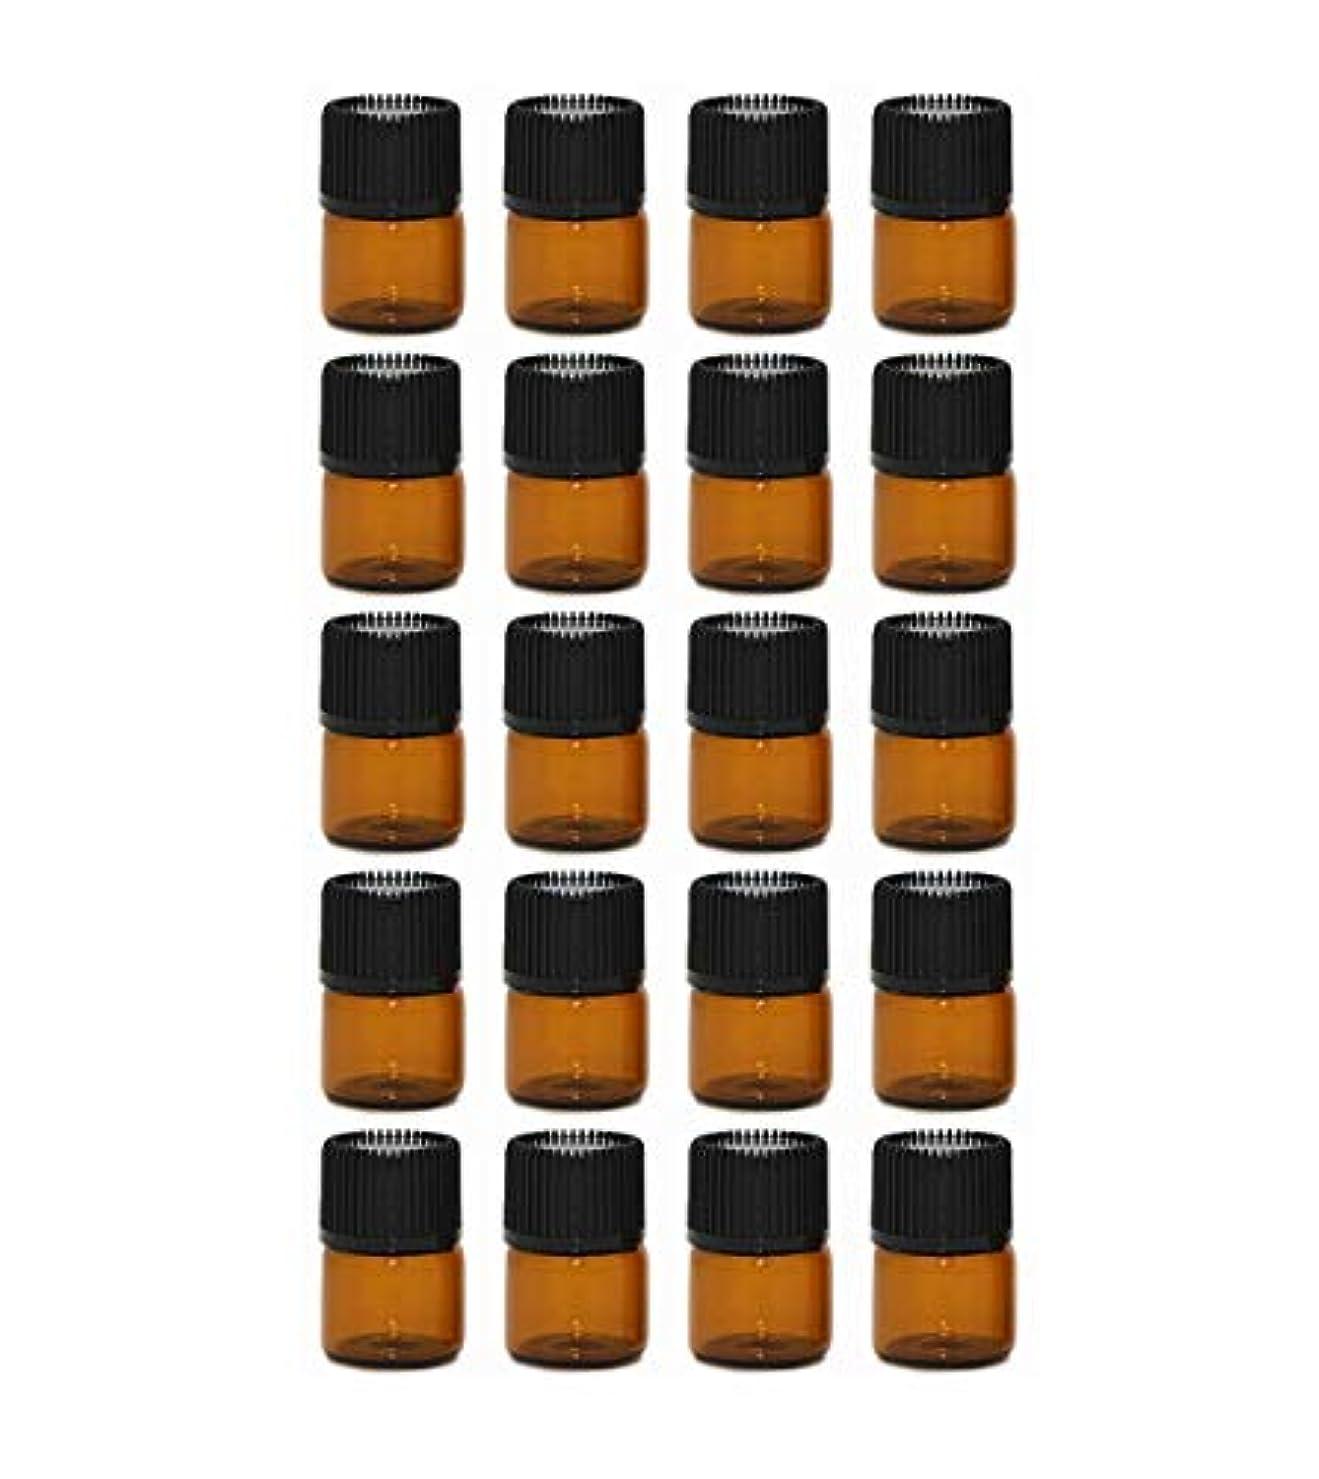 コンチネンタル乳製品クローゼット精油 小分け用 ボトル オイル 用 茶色 瓶 アロマオイル 遮光瓶 エッセンシャルオイル 保存瓶 1ml 15本セット